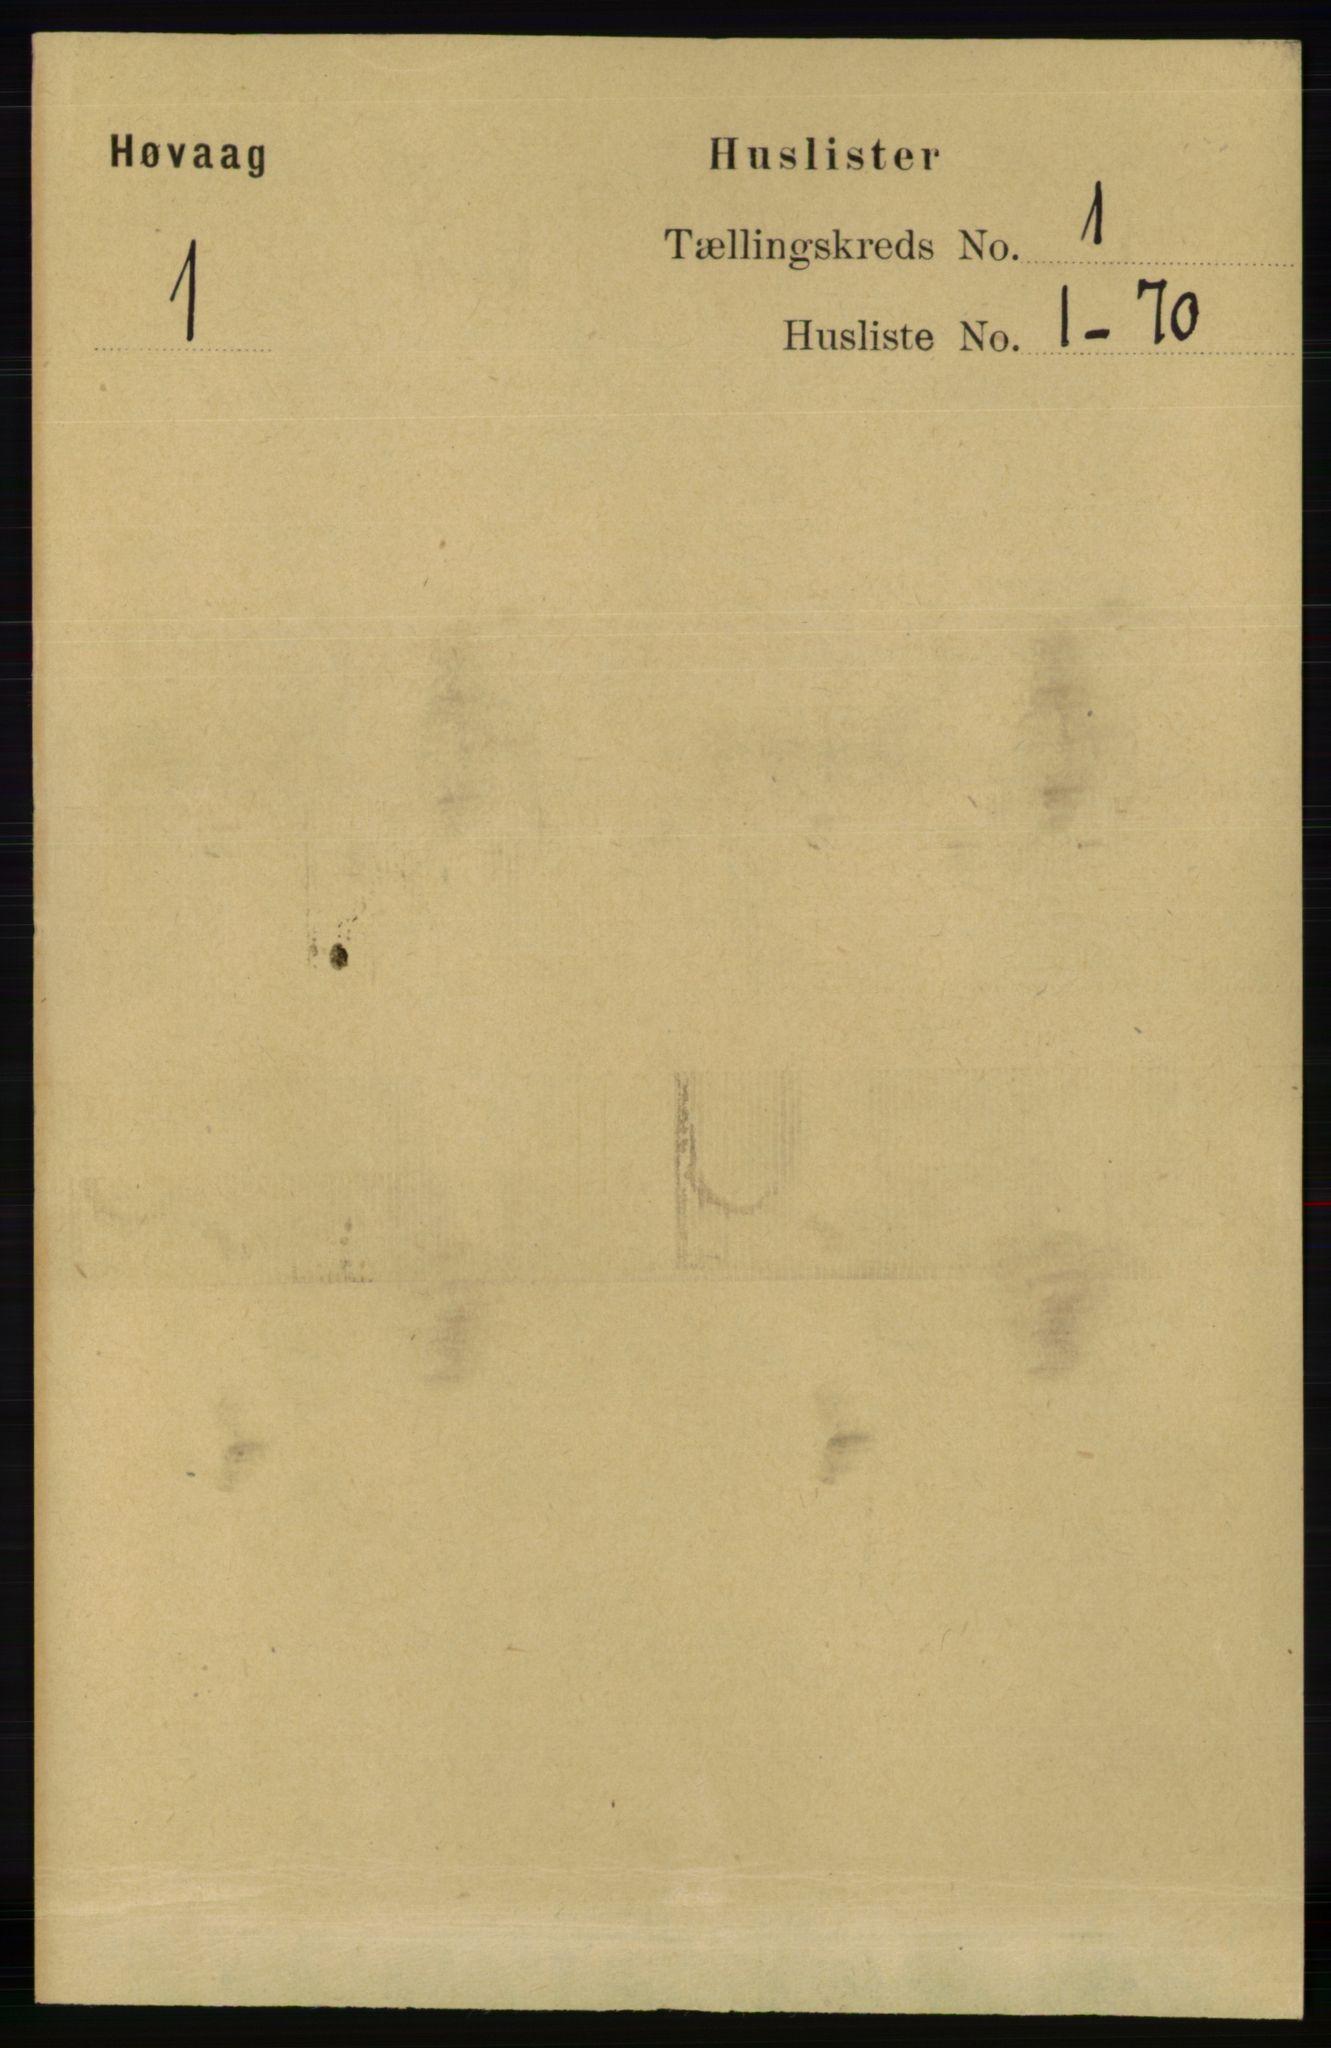 RA, Folketelling 1891 for 0927 Høvåg herred, 1891, s. 18